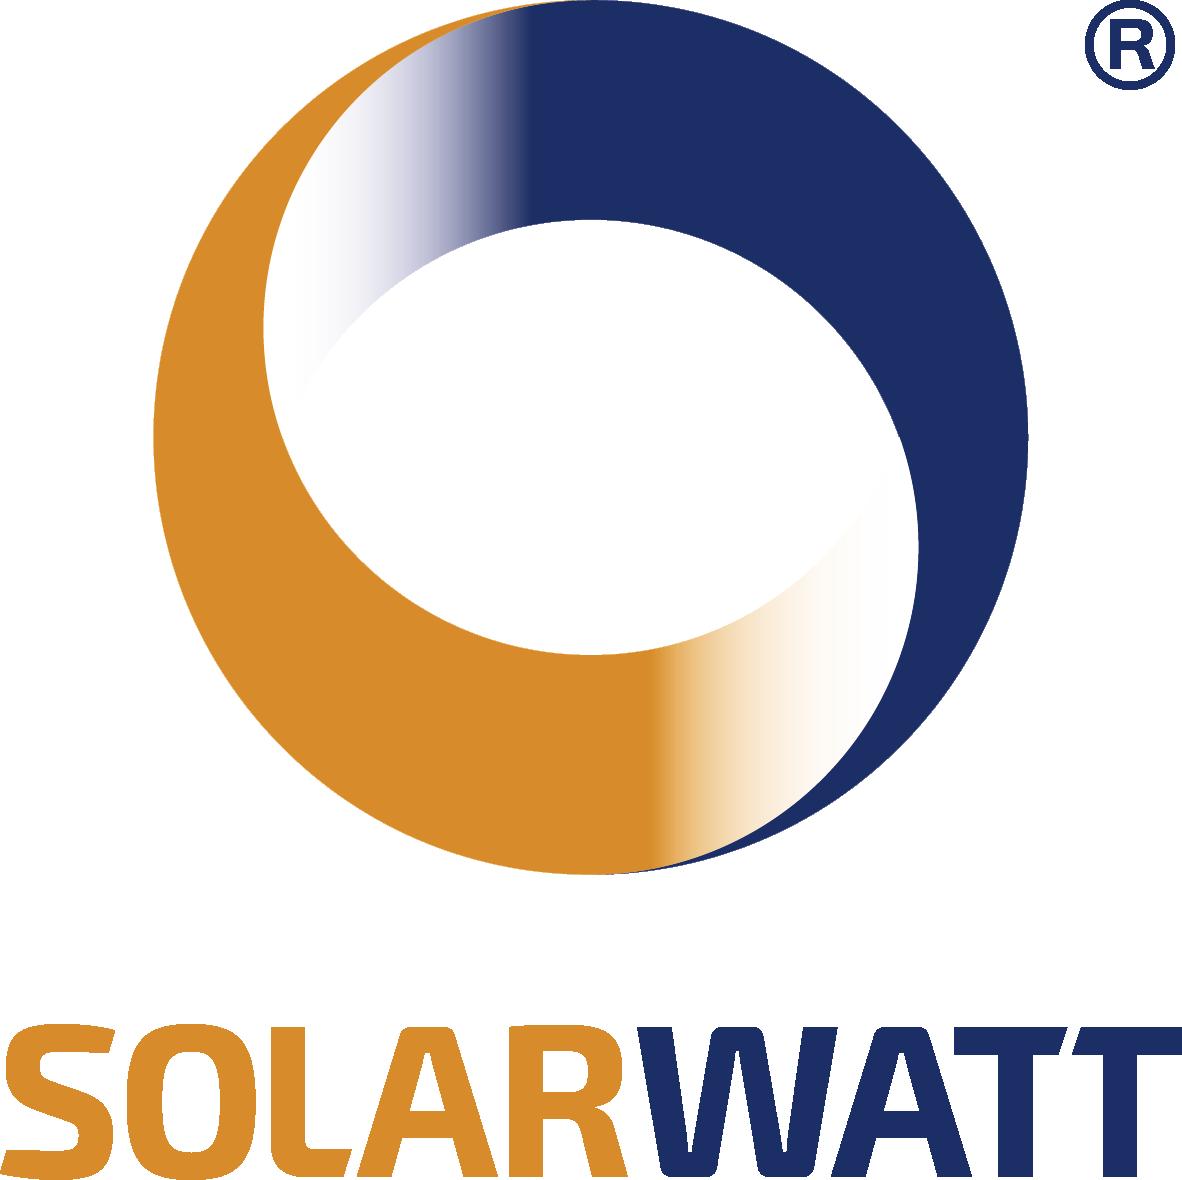 Solarwatt logo zonnepanelen